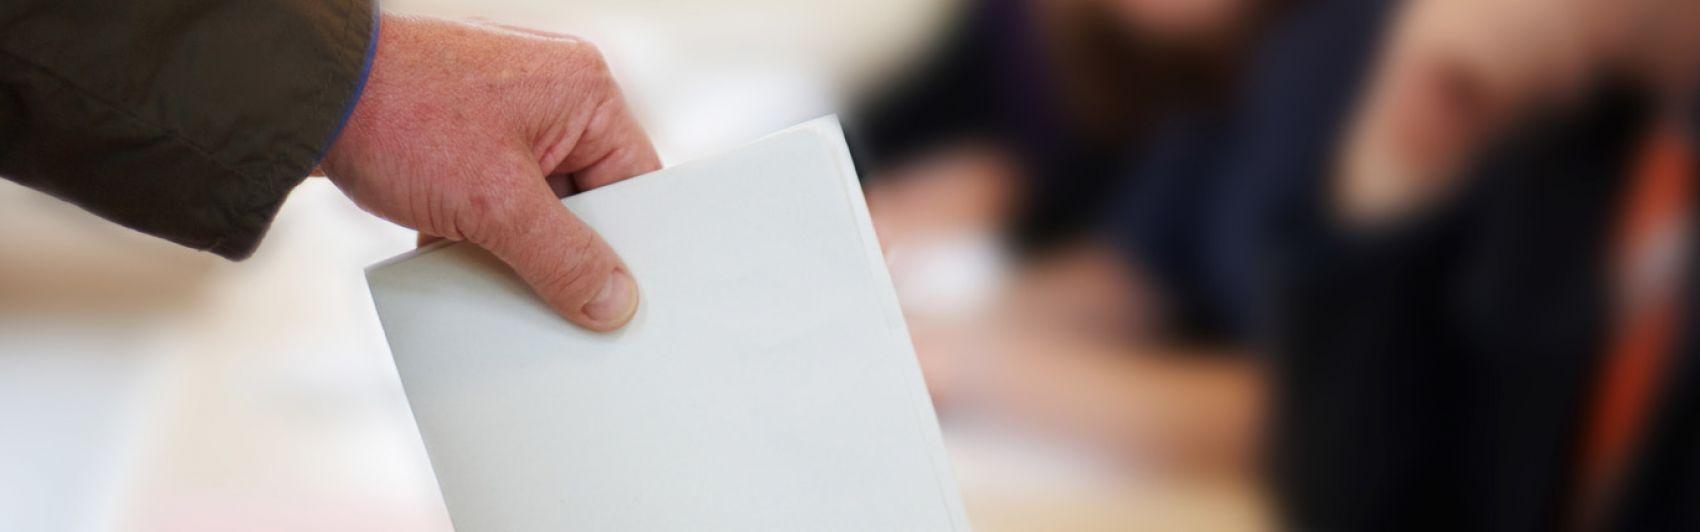 Stimmabgabe, Wahlen